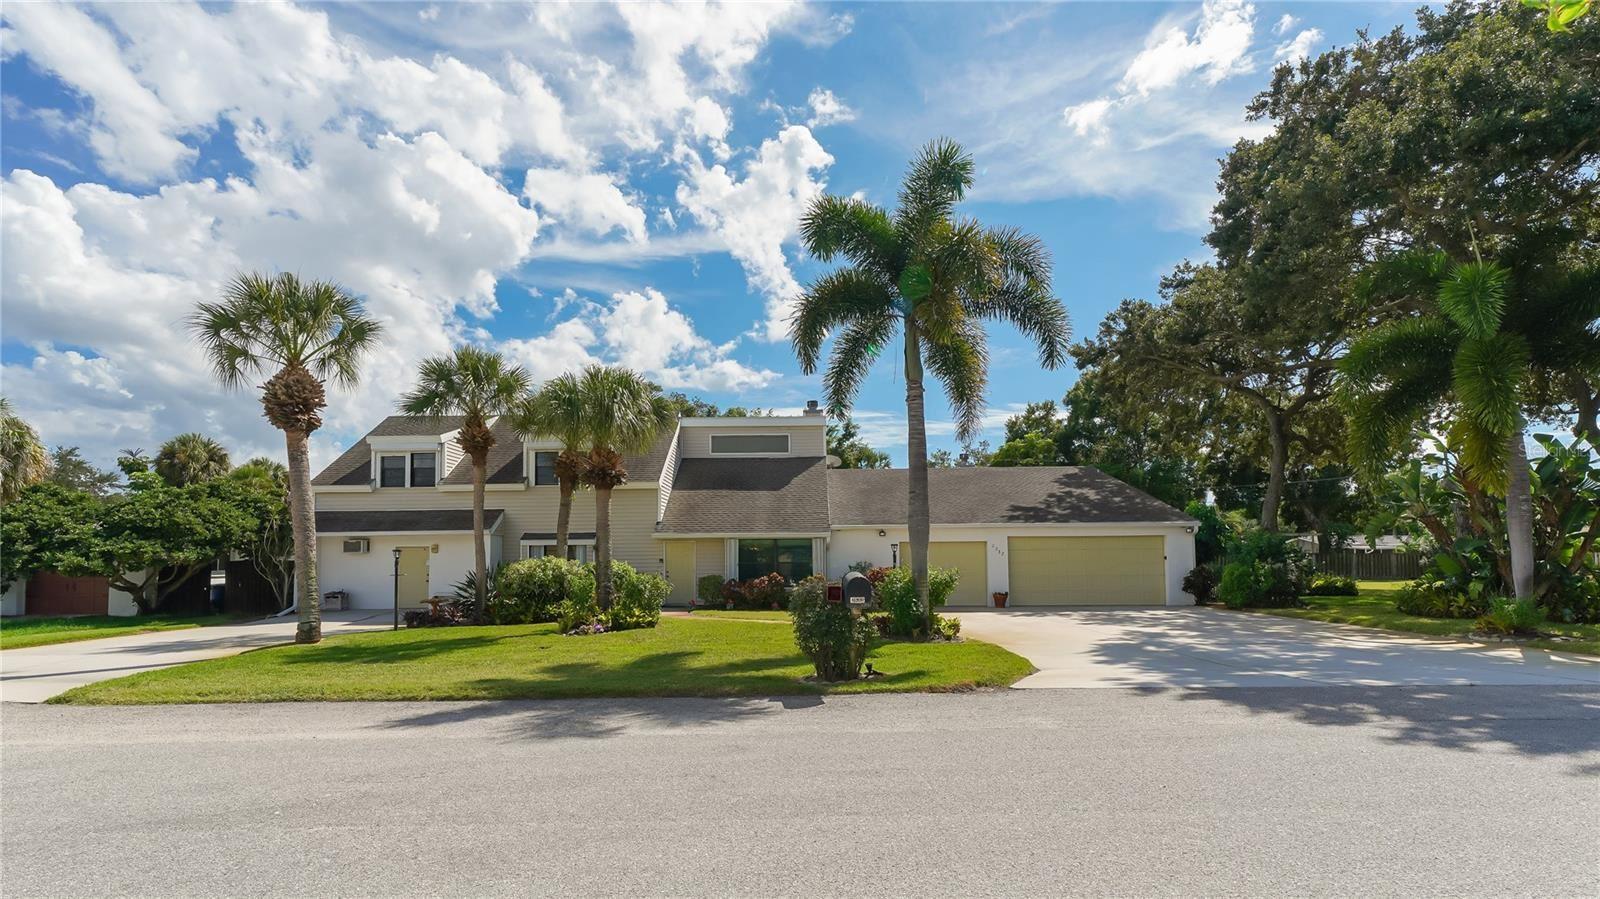 2932 LEXINGTON STREET, Sarasota, FL 34231 - #: A4512645